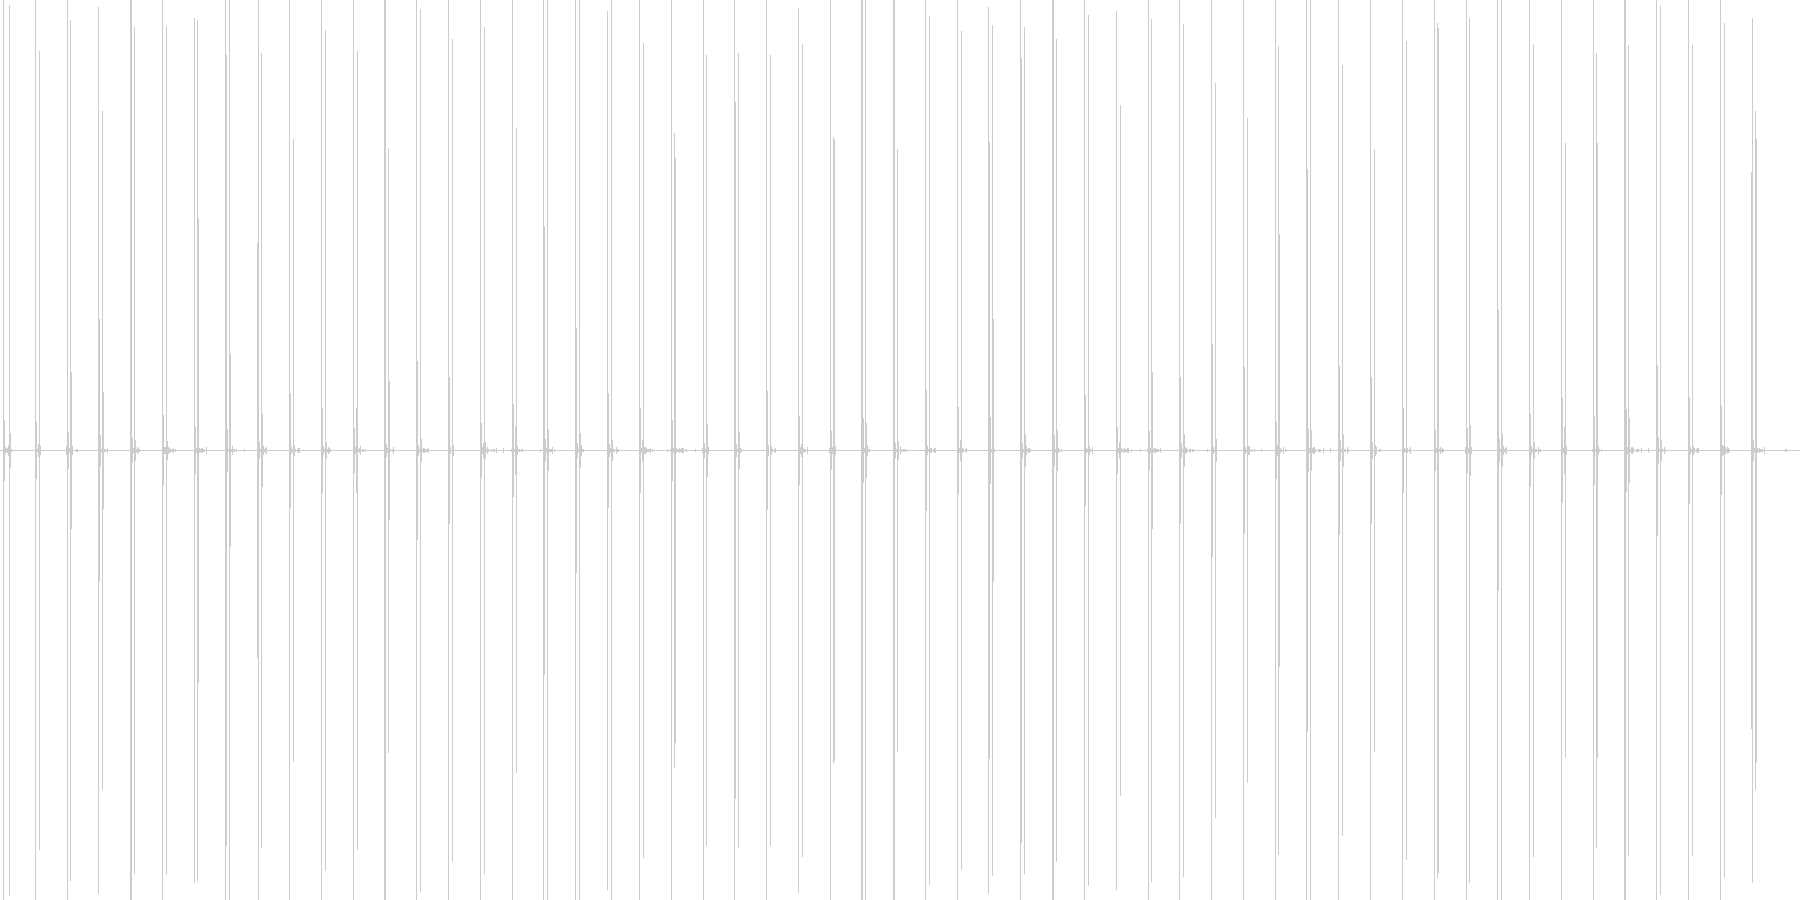 スニーカーでタイル張りの道を歩く音の未再生の波形